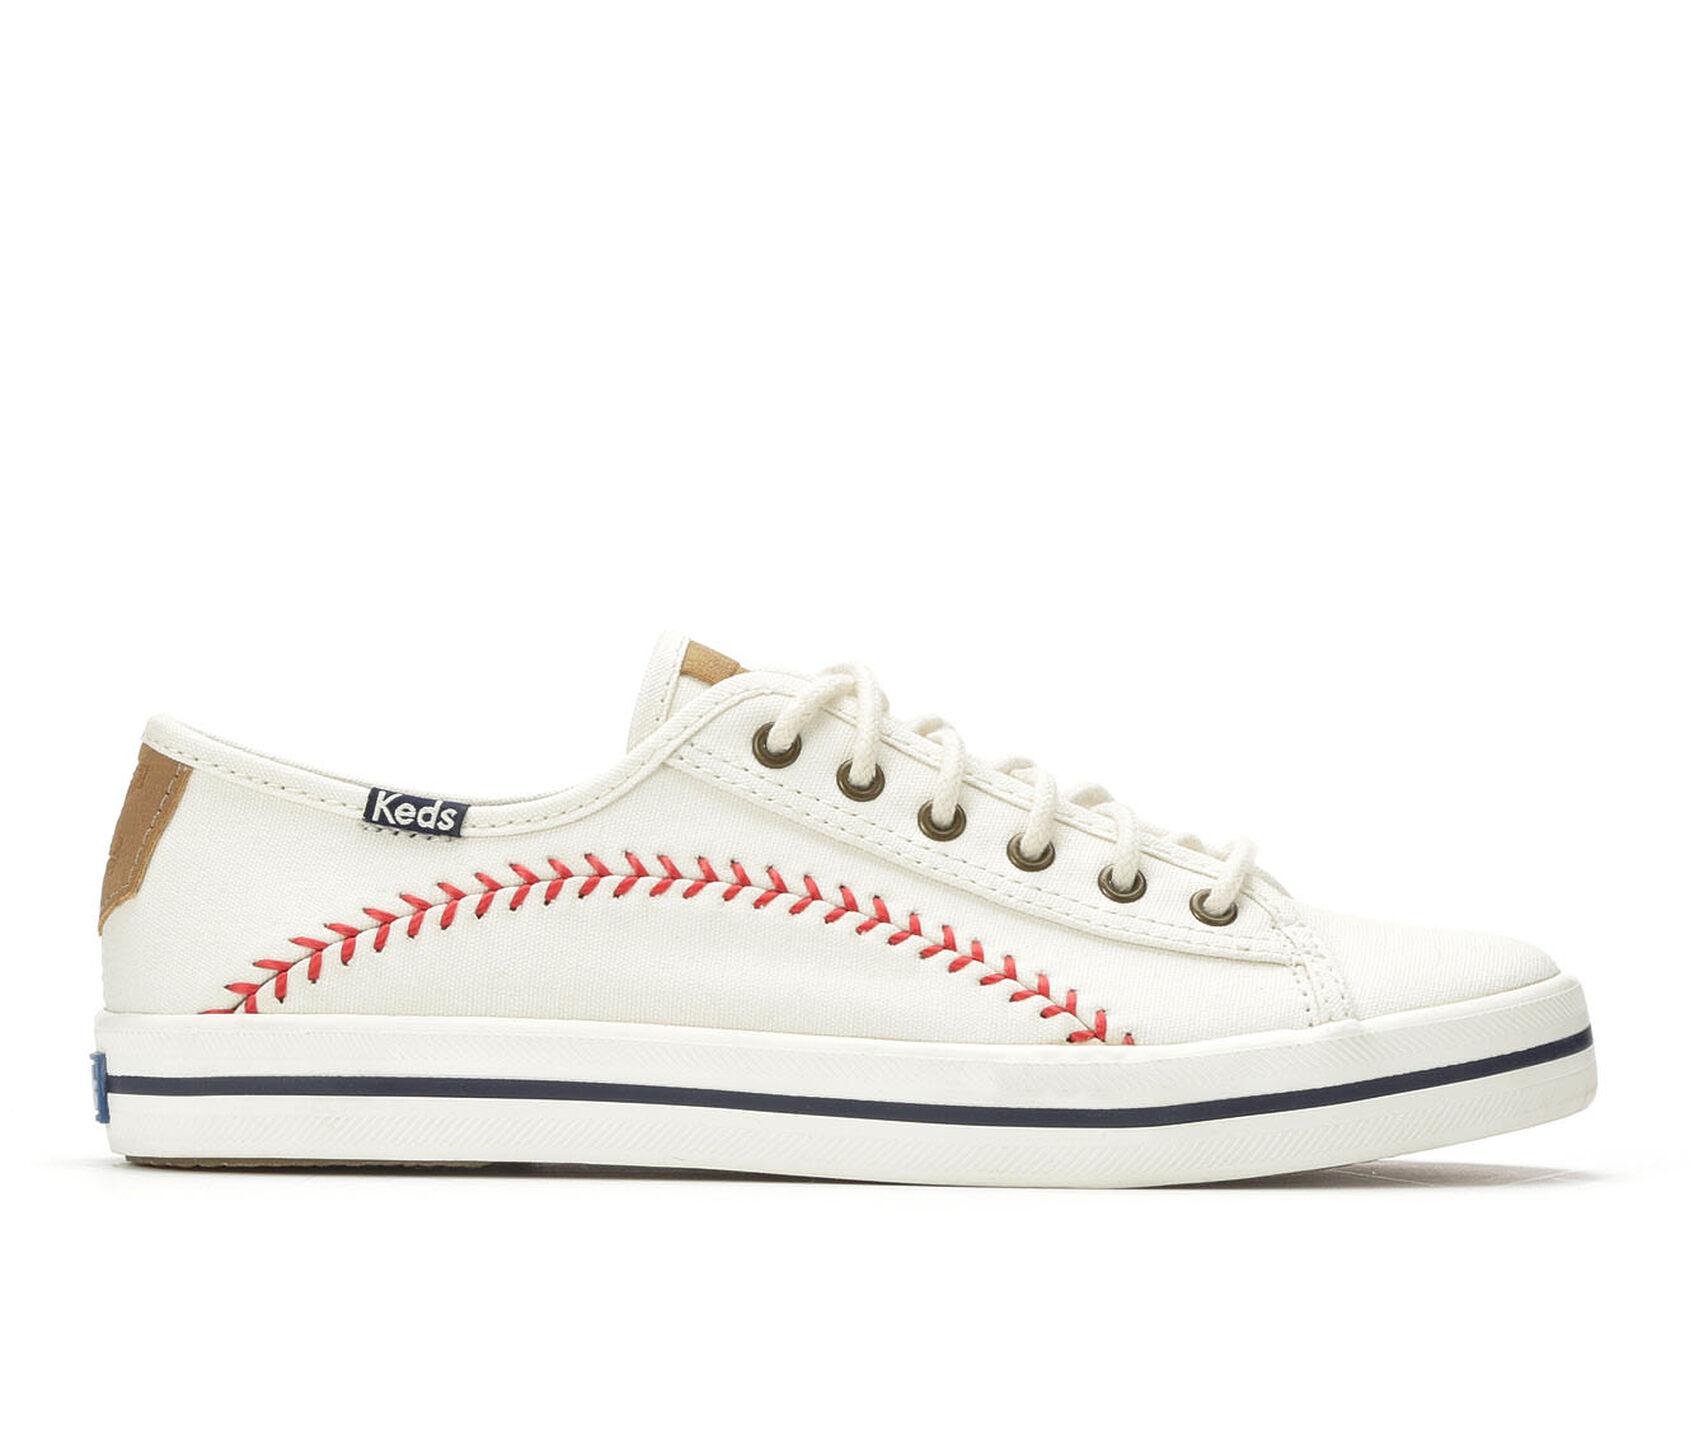 ef6fbe38948 Women s Keds Kickstart Pennant Baseball-Inspired Sneakers